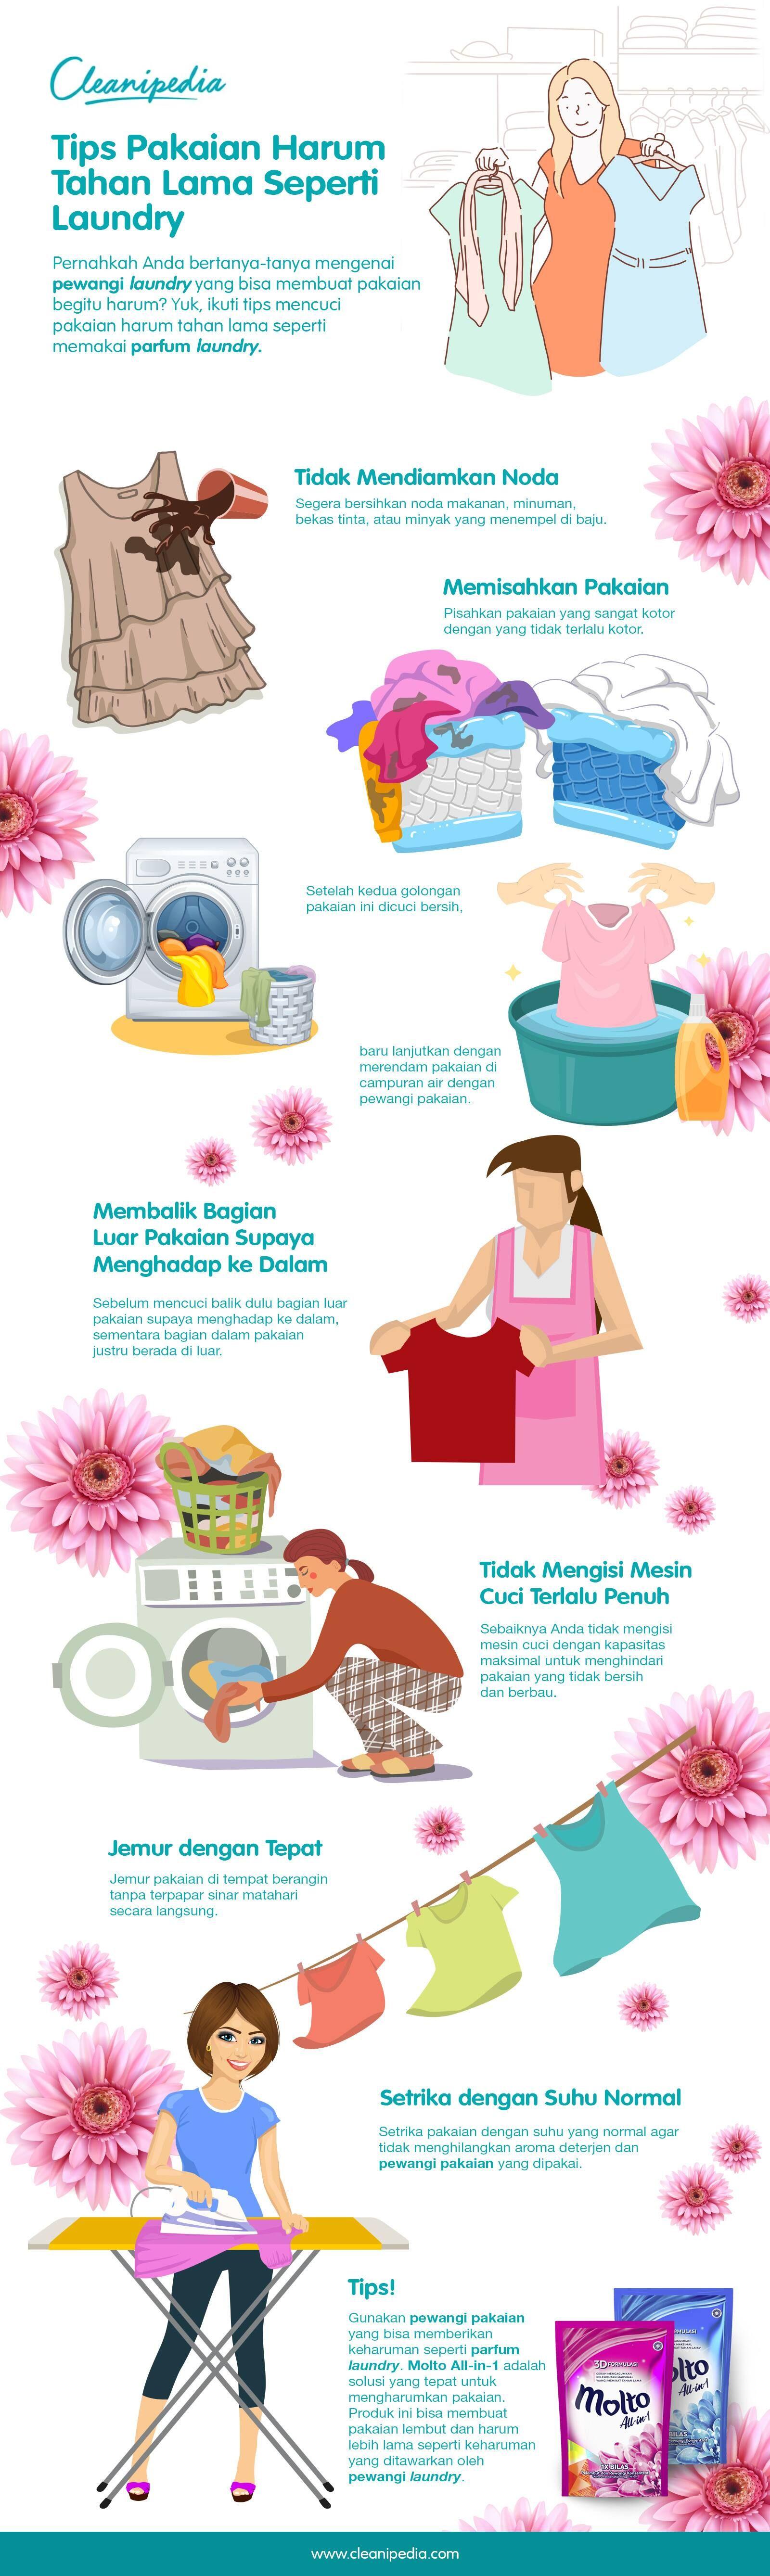 Tips Pakaian Harum Tahan Lama Seperti Laundry